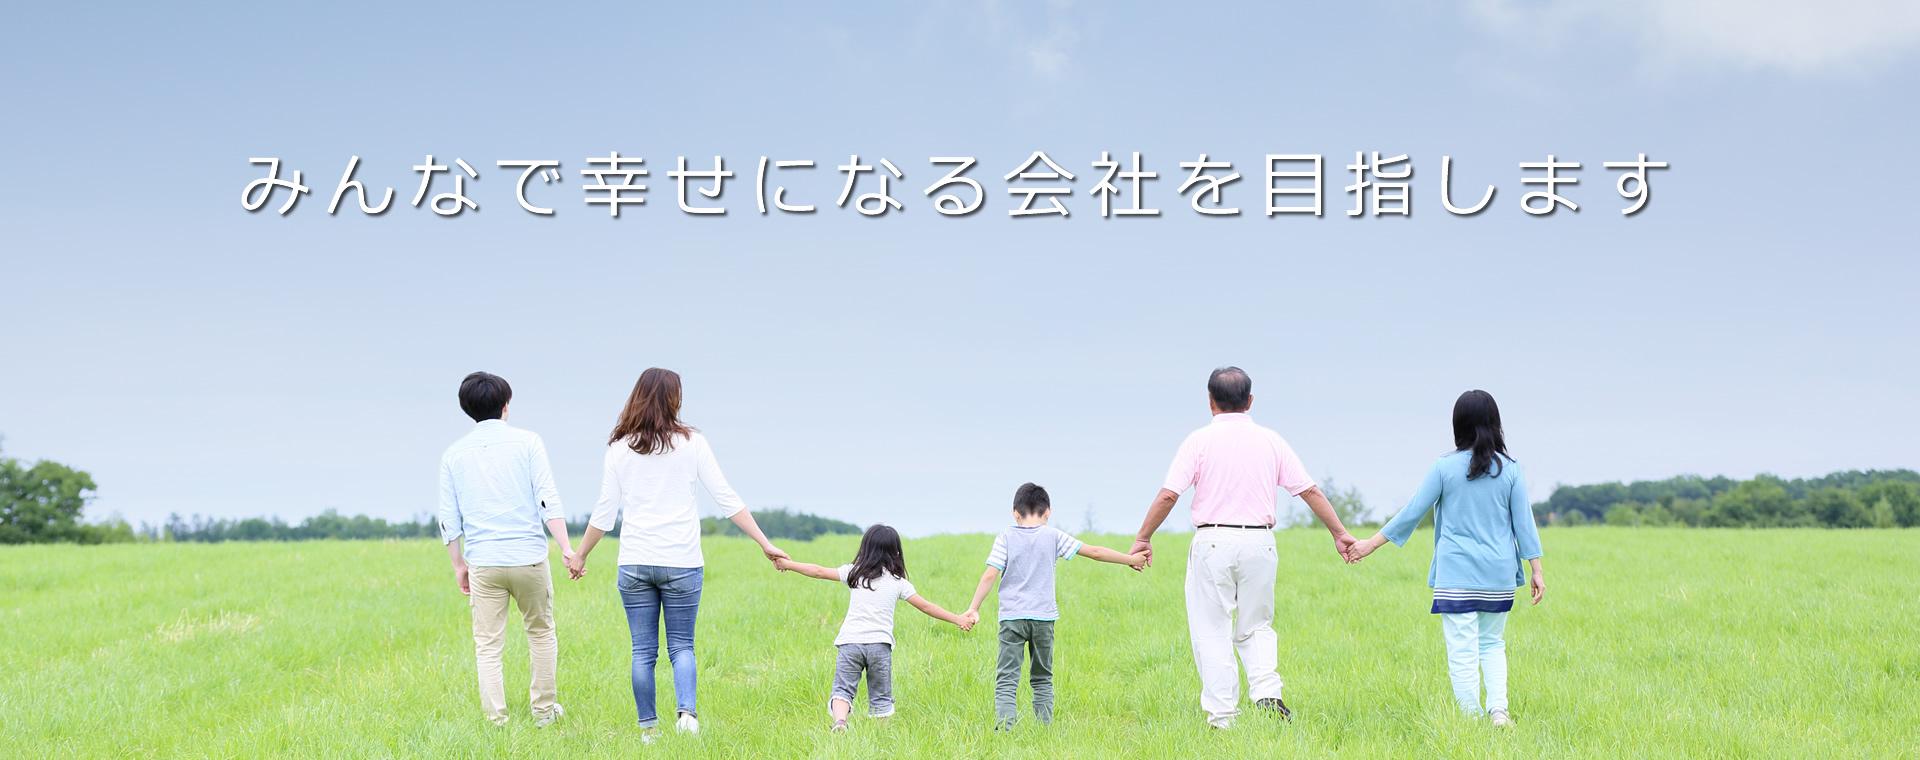 株式会社 エヌパートナーズ/NHK放送受信料の契約・収納業務